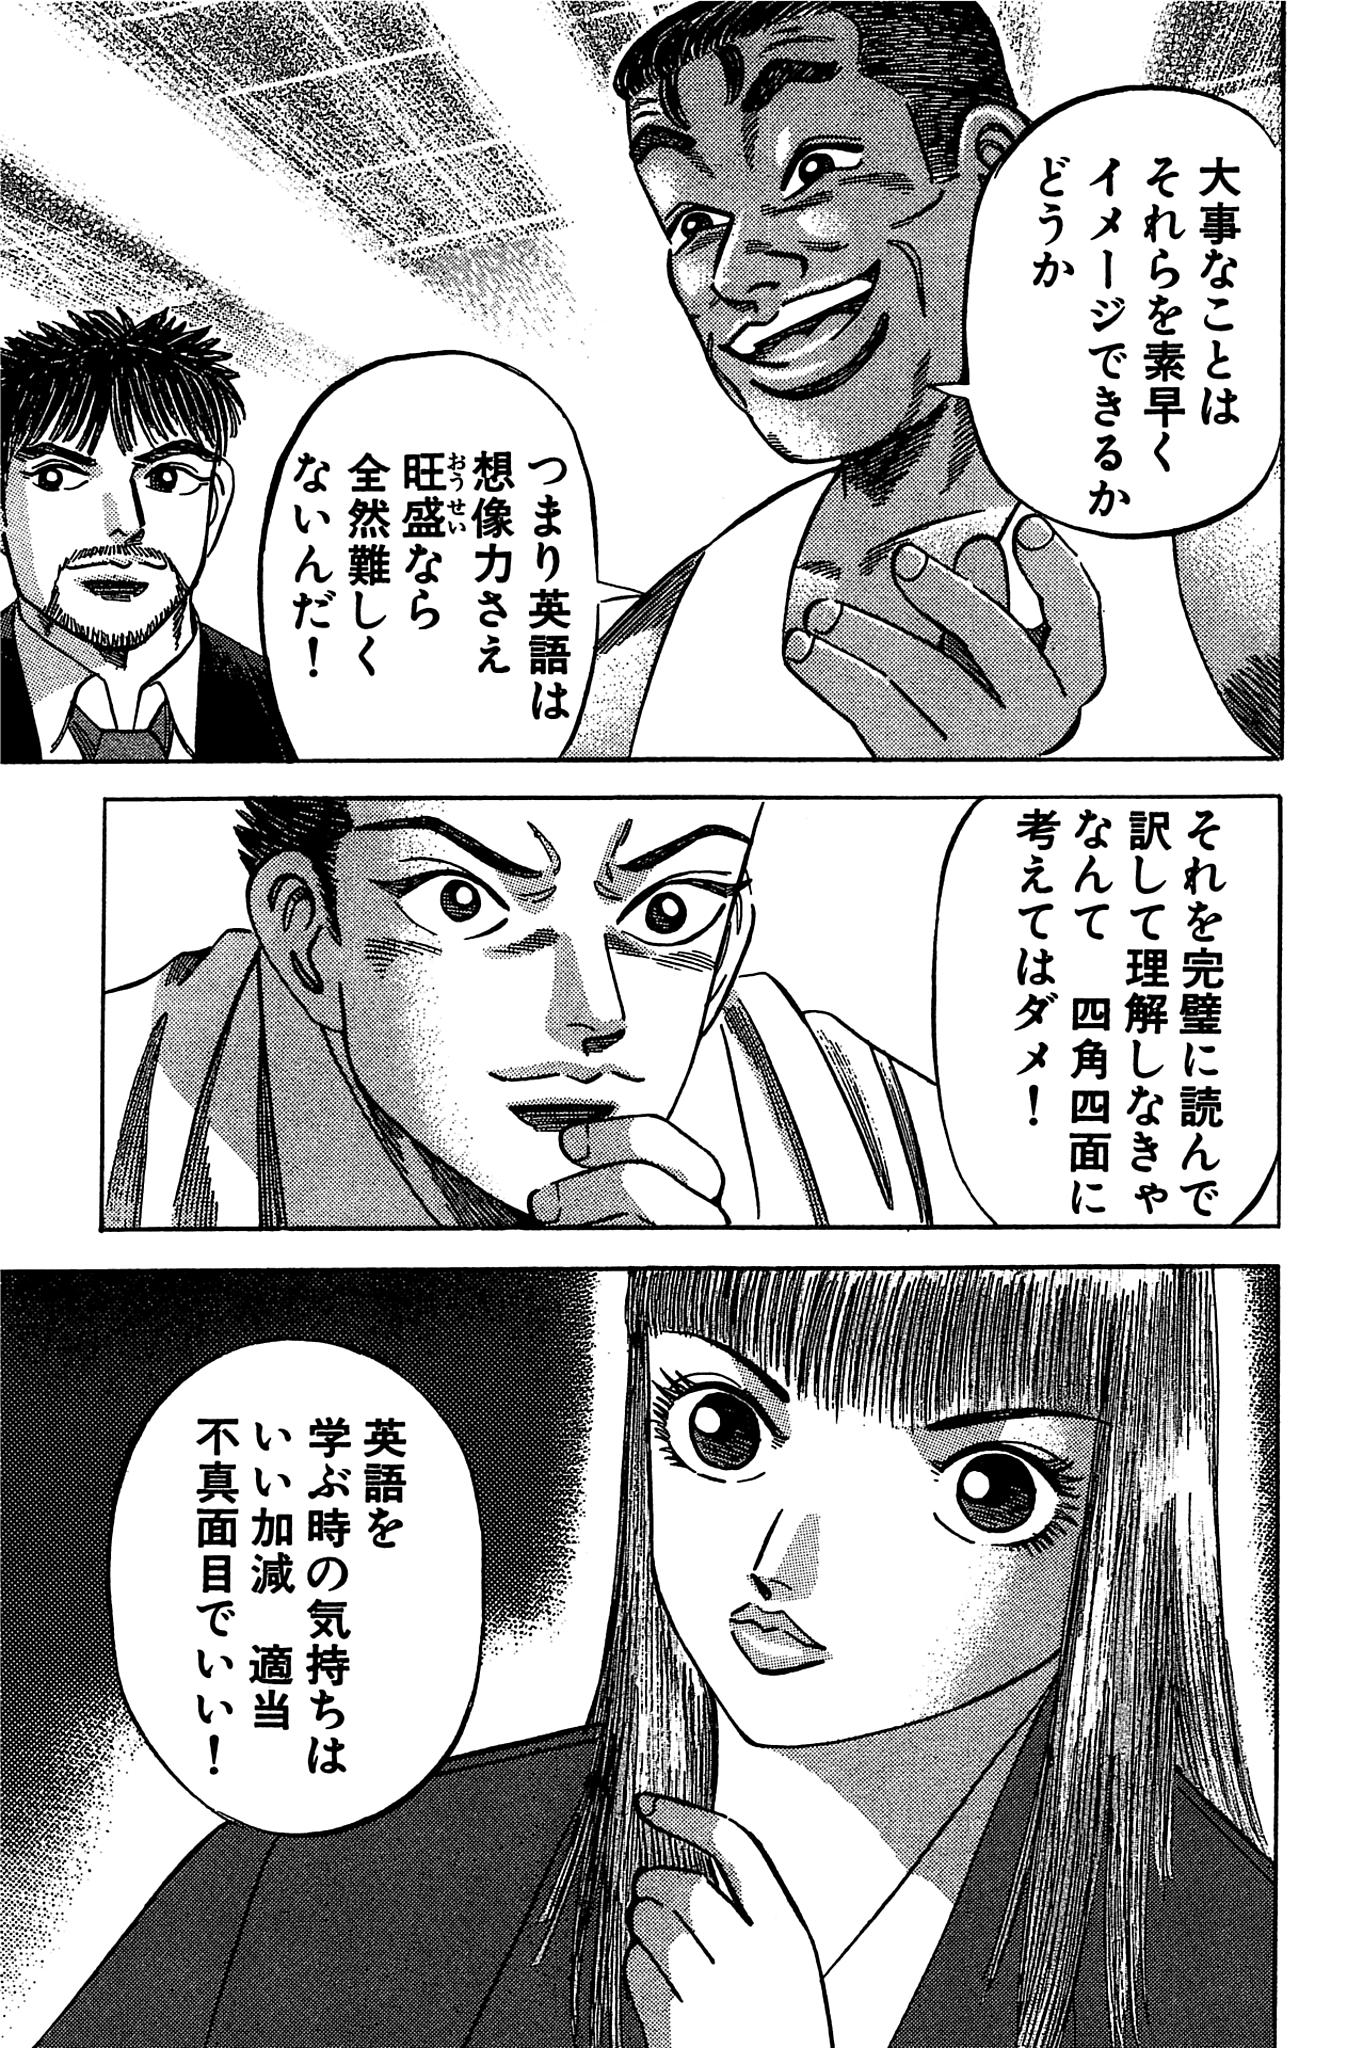 ドラゴン桜2×朝日小学生新聞&朝日中高生新聞